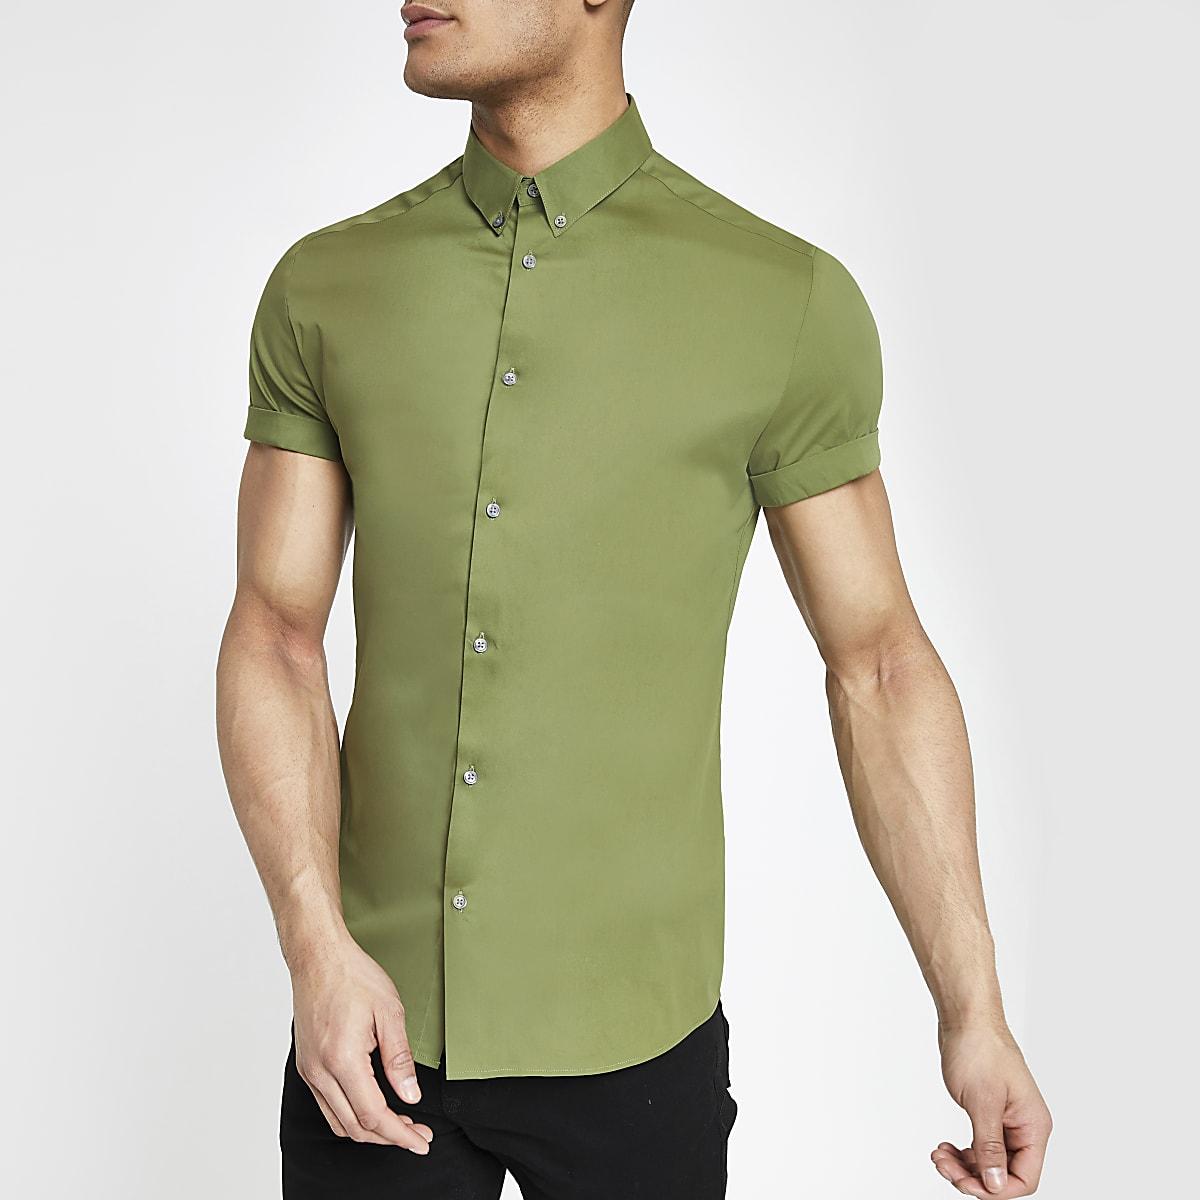 Chemise ajustée verte à manches courtes